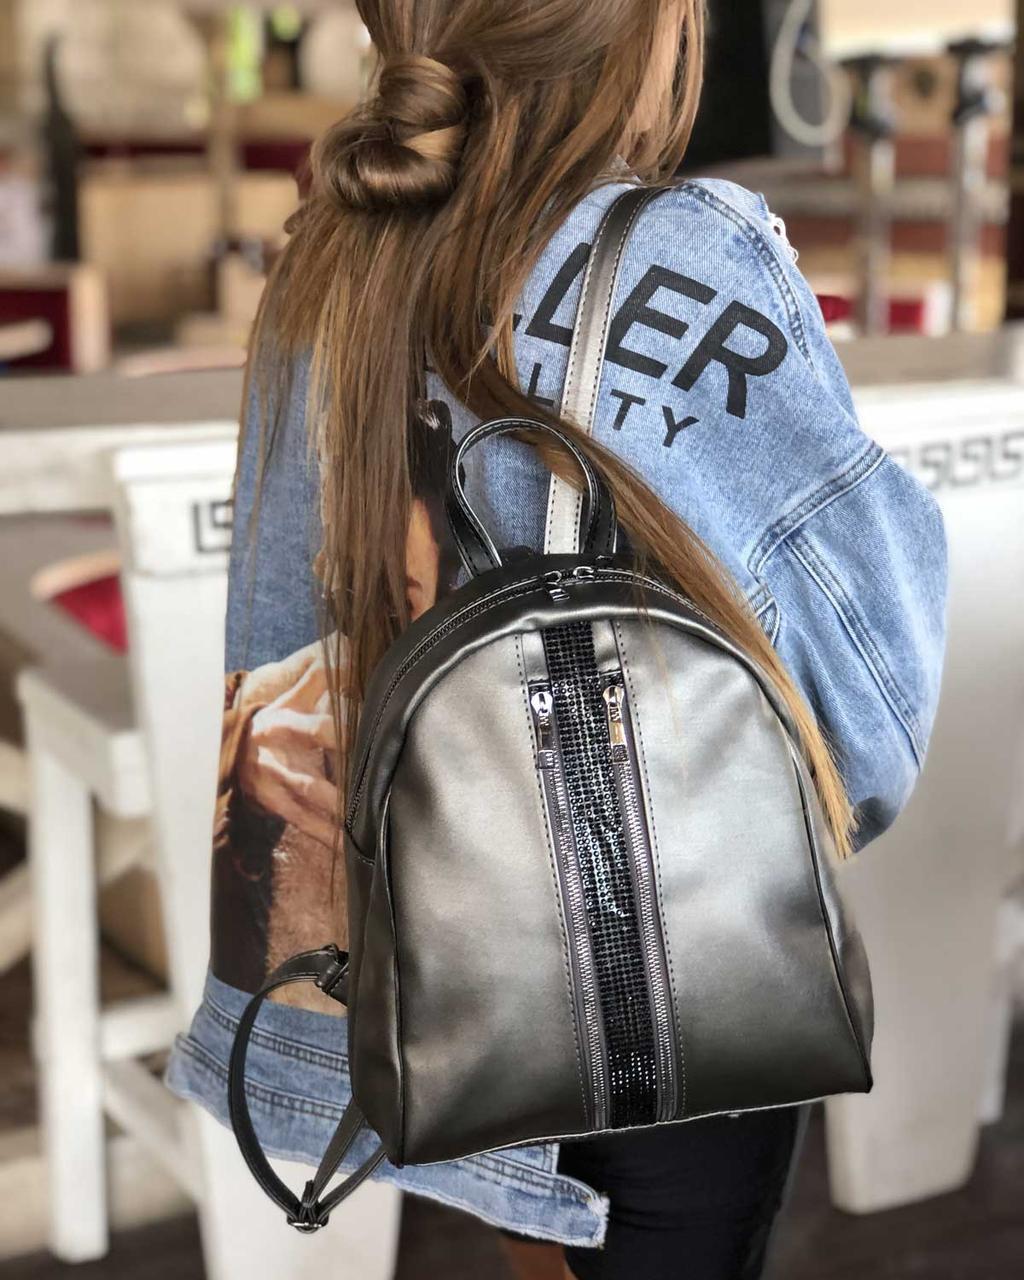 Рюкзак серебристый маленький женский городской на плечо со стразами